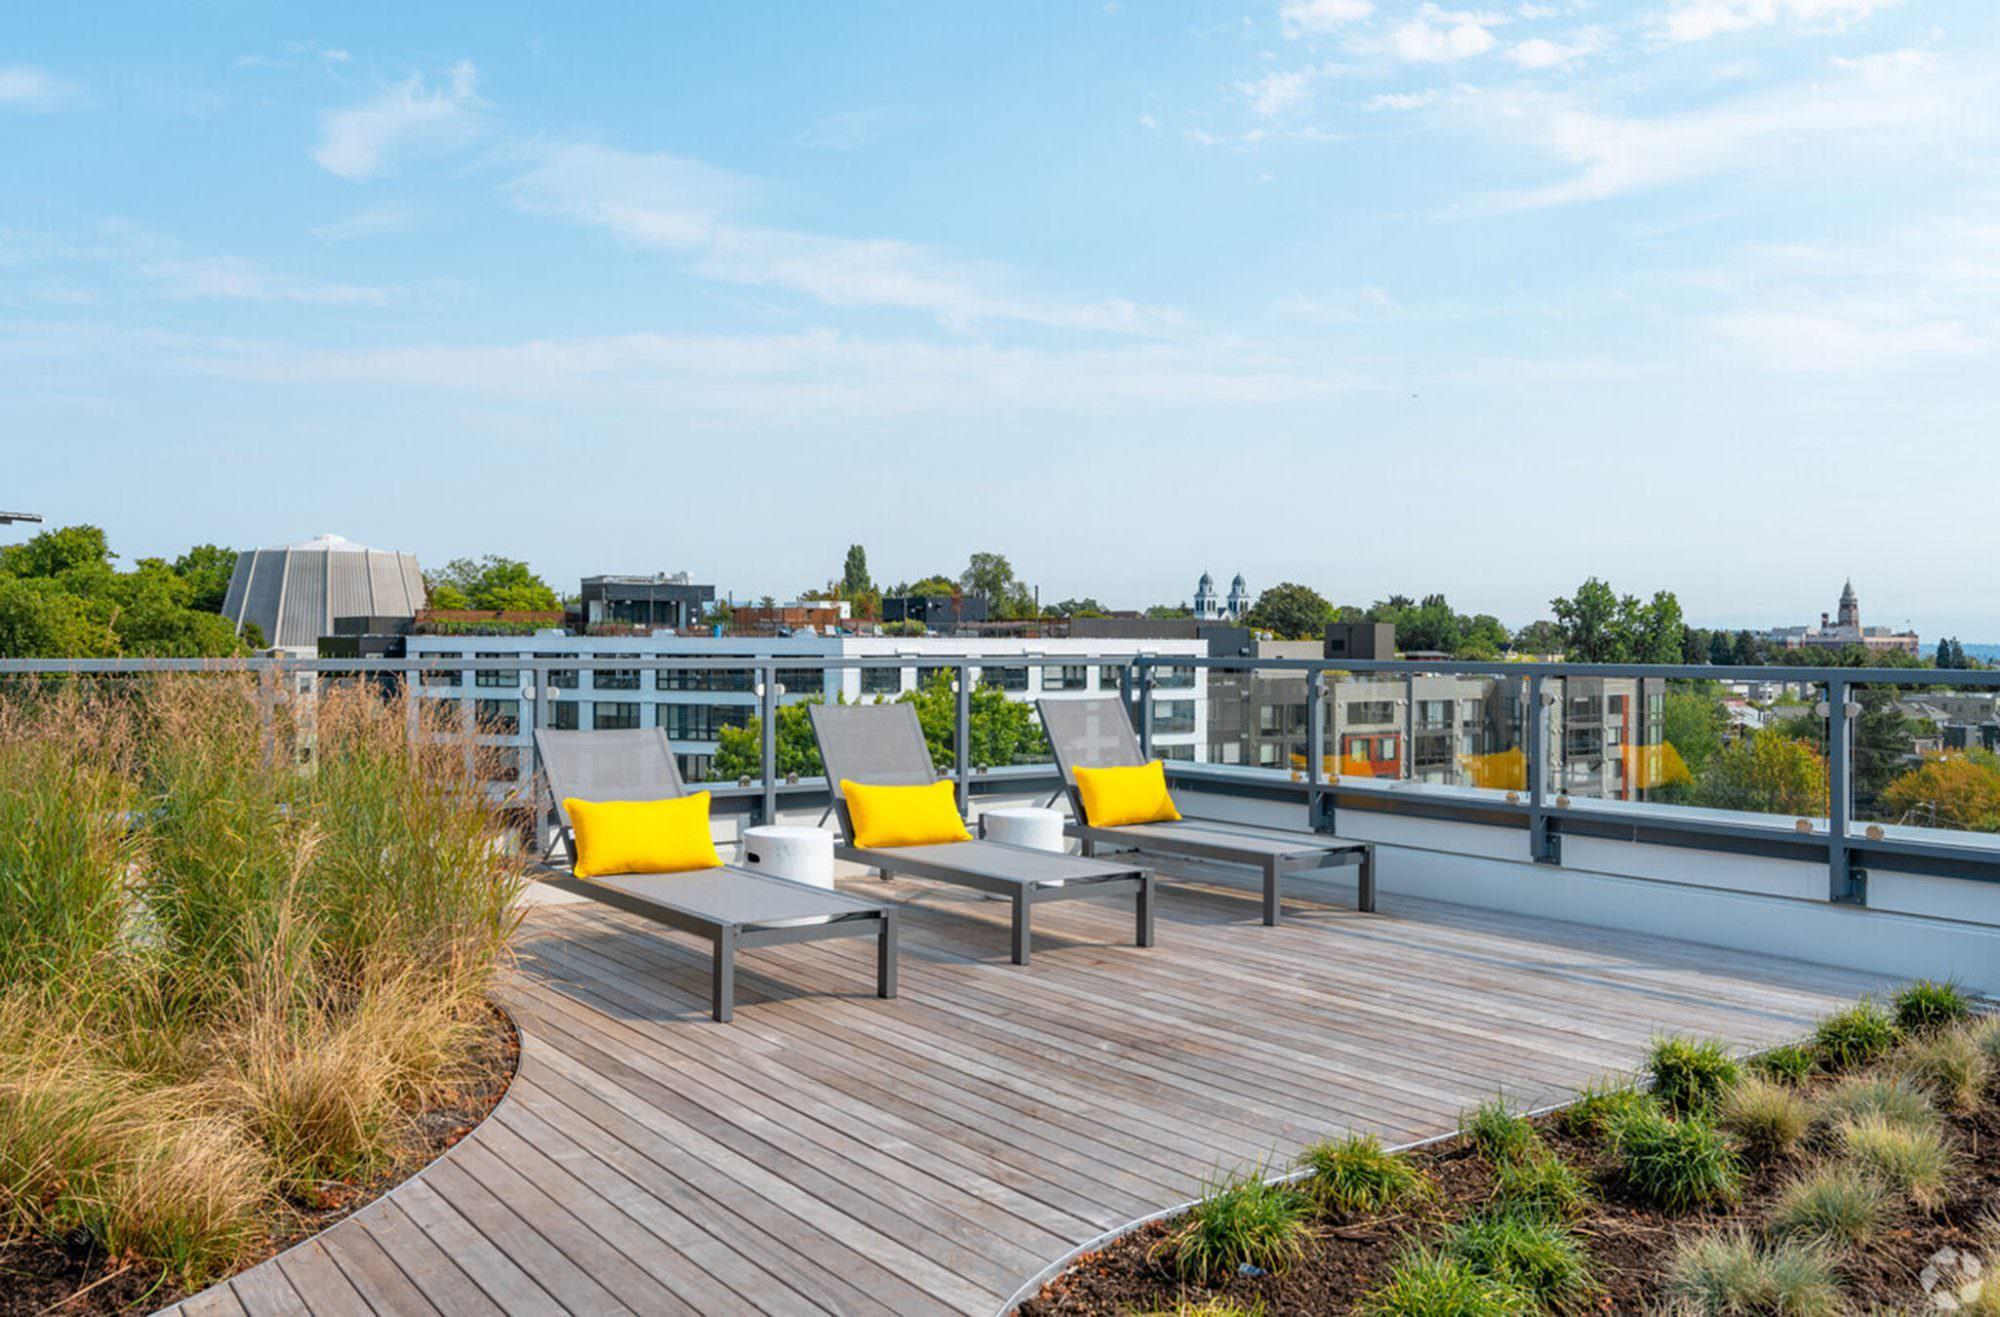 Solis Landscape Architecture